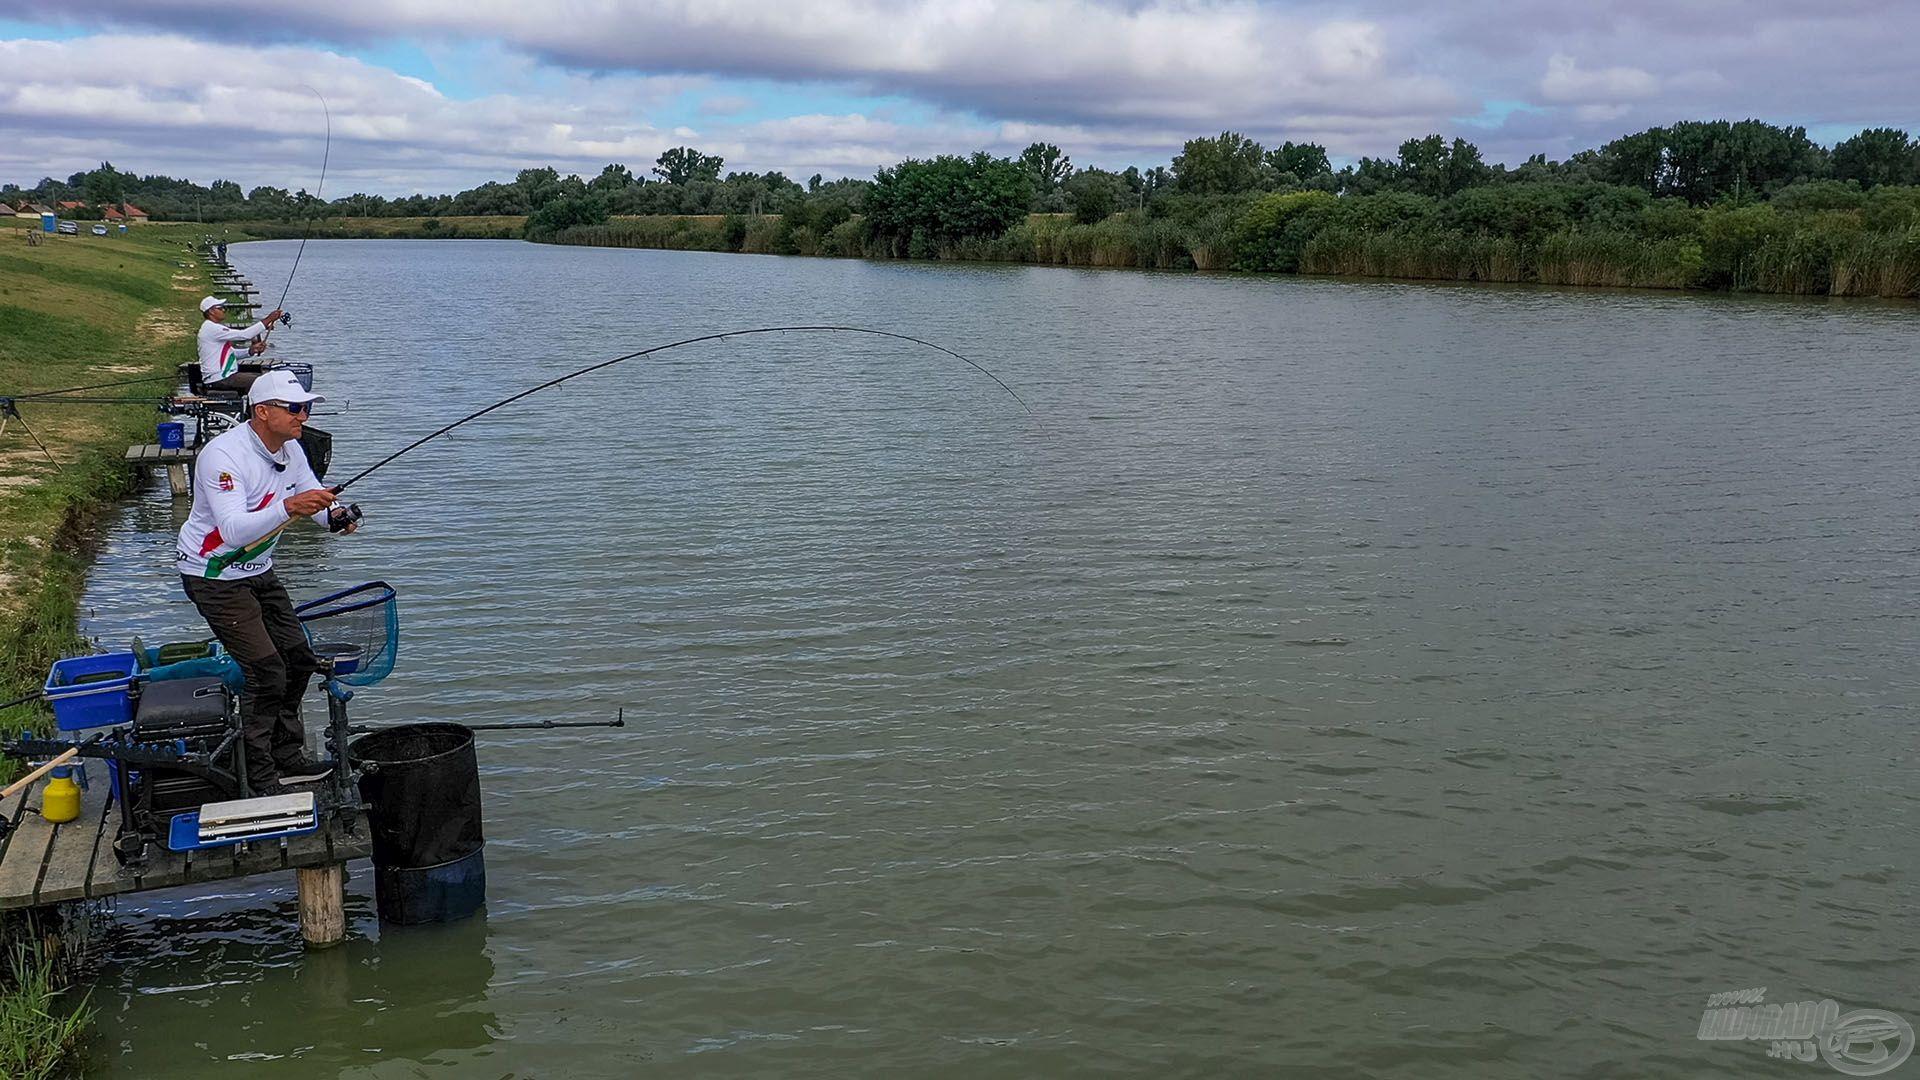 Előbb-utóbb megjelennek a termetesebb halak az etetésen, csak ki kell őket várni